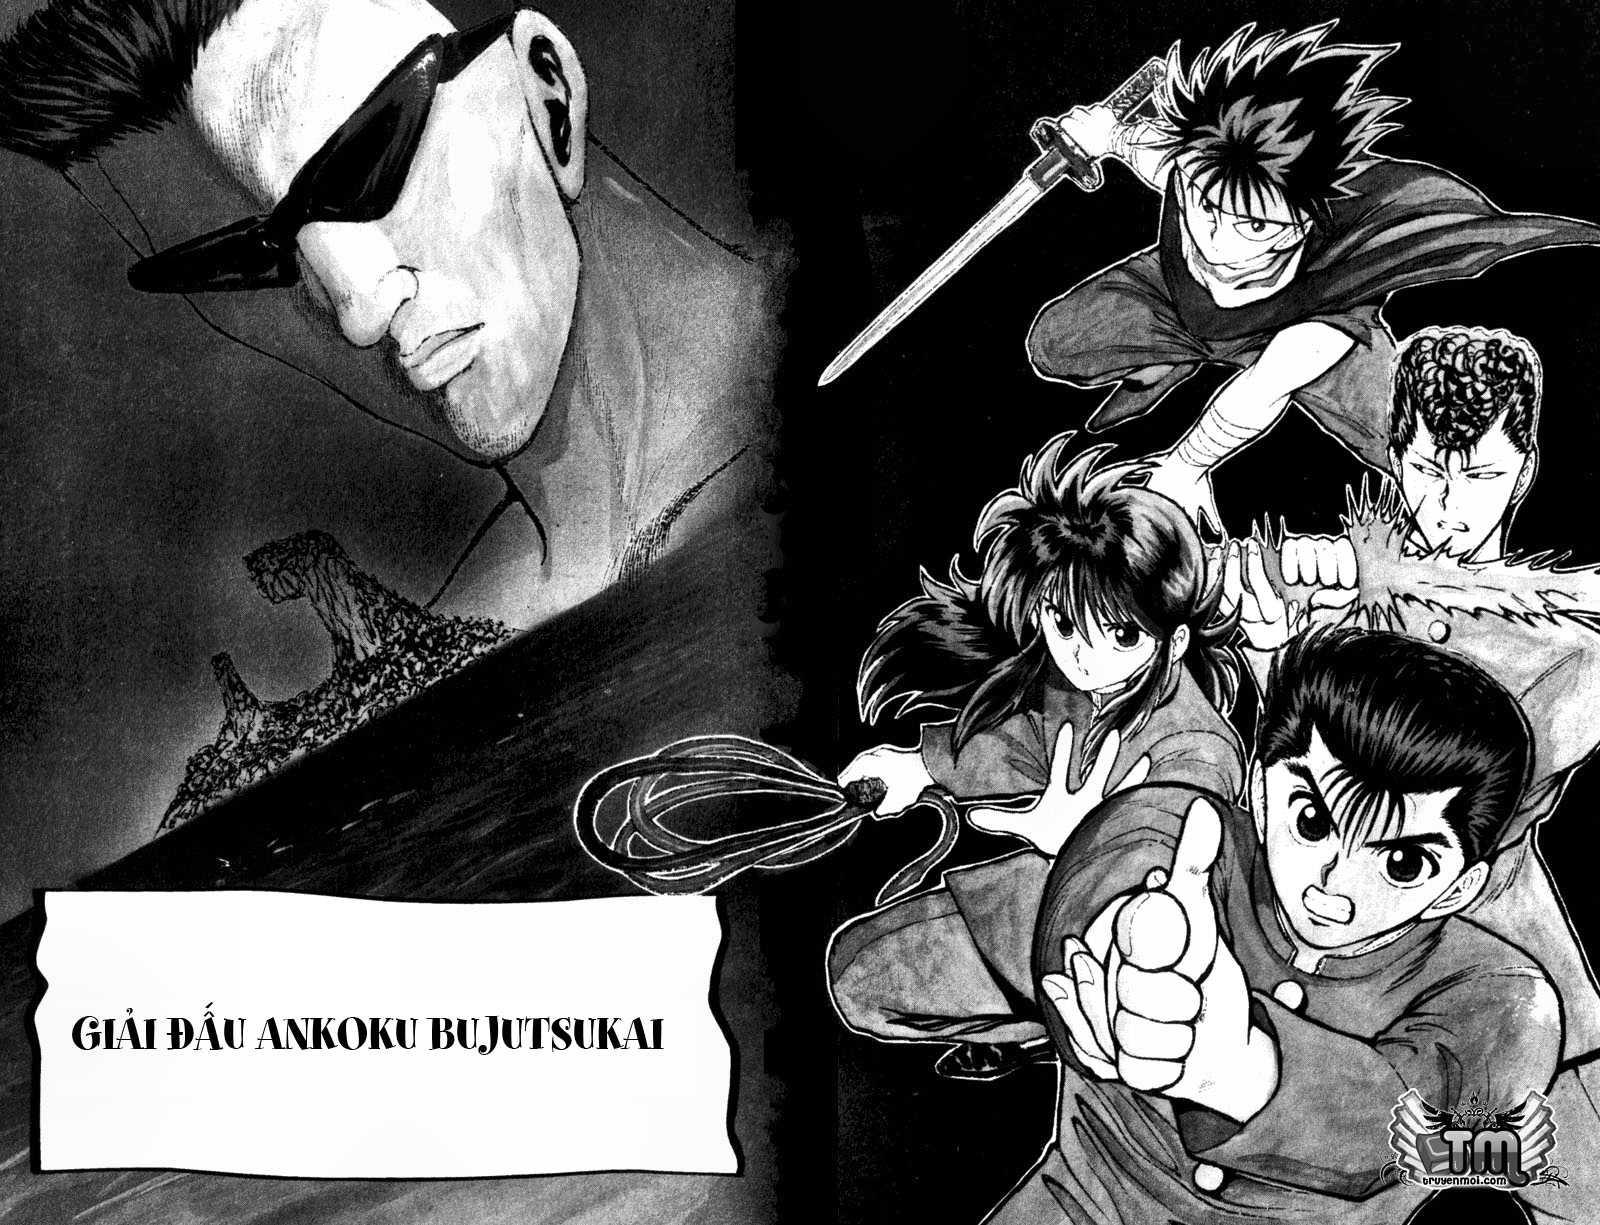 Hành trình của Uduchi chap 052: giải đấu ankoku bujutsukai trang 2